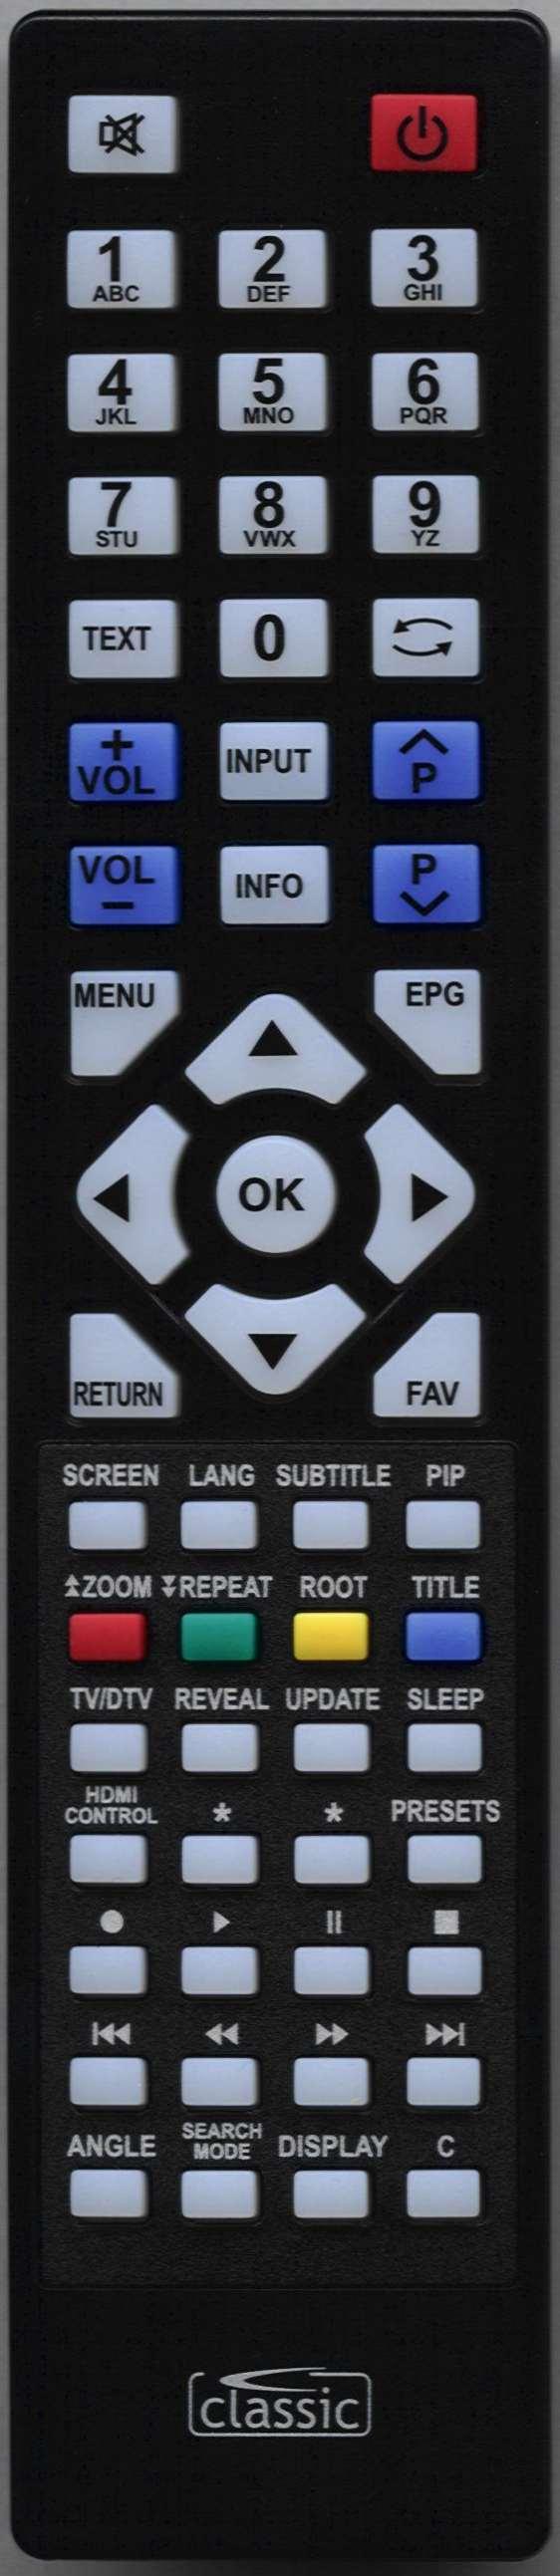 LUXOR RC3902/30068434 Remote Control Alternative